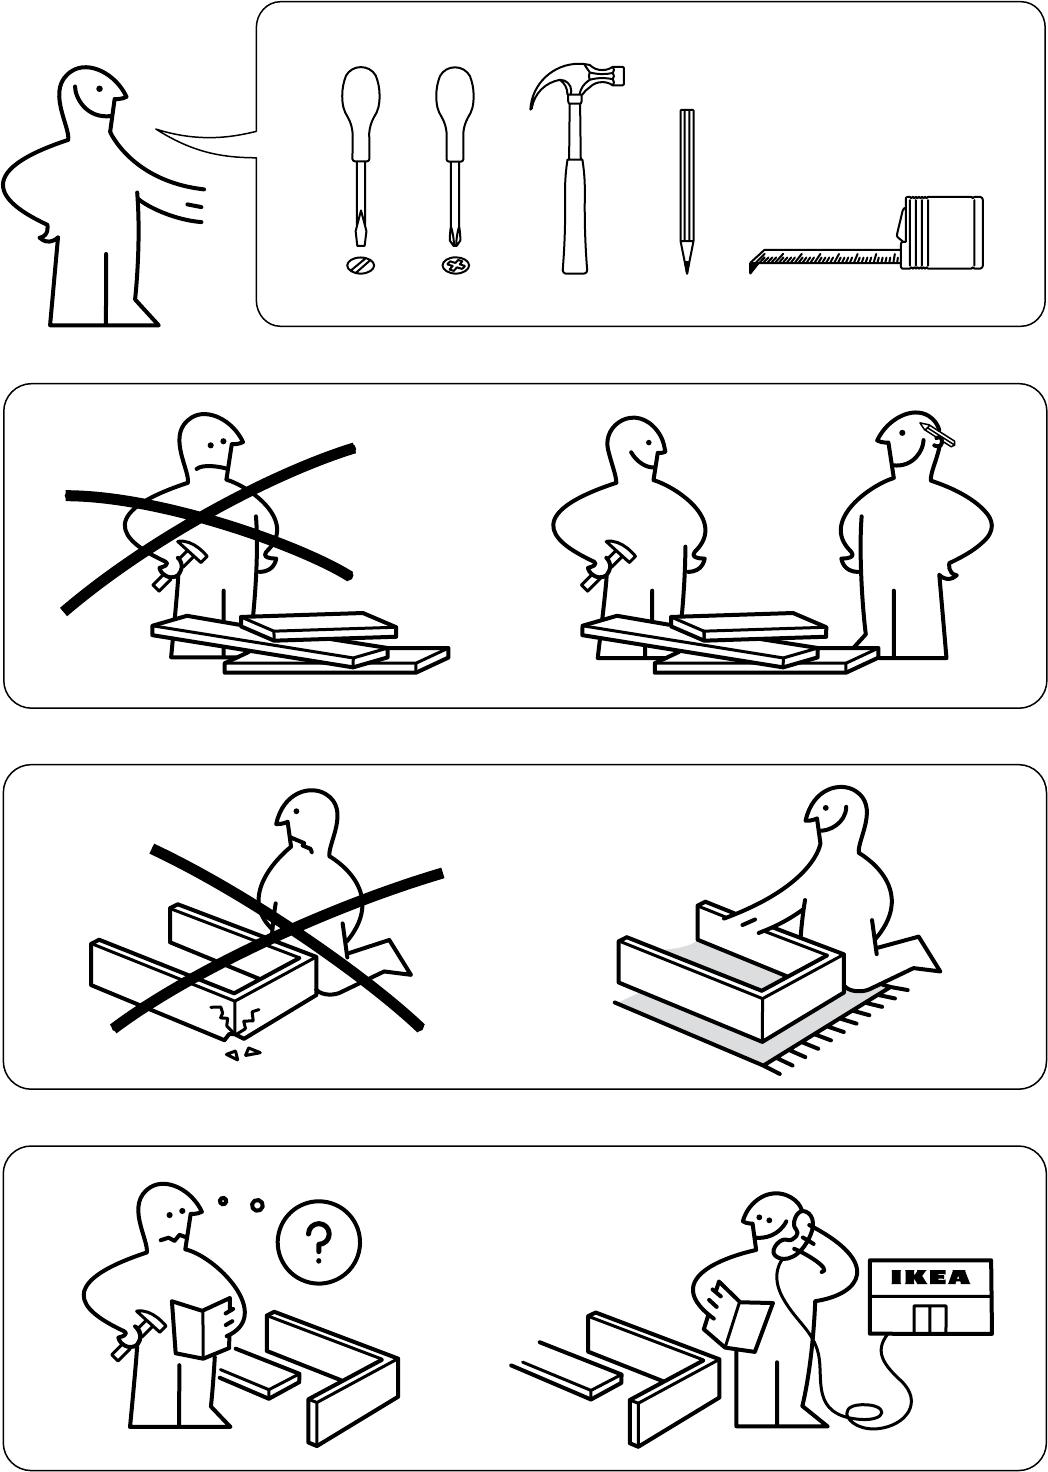 Ikea Ladekast 8 Lades.Handleiding Ikea Hemnes Ladekast 8 Lades Pagina 2 Van 32 Dansk